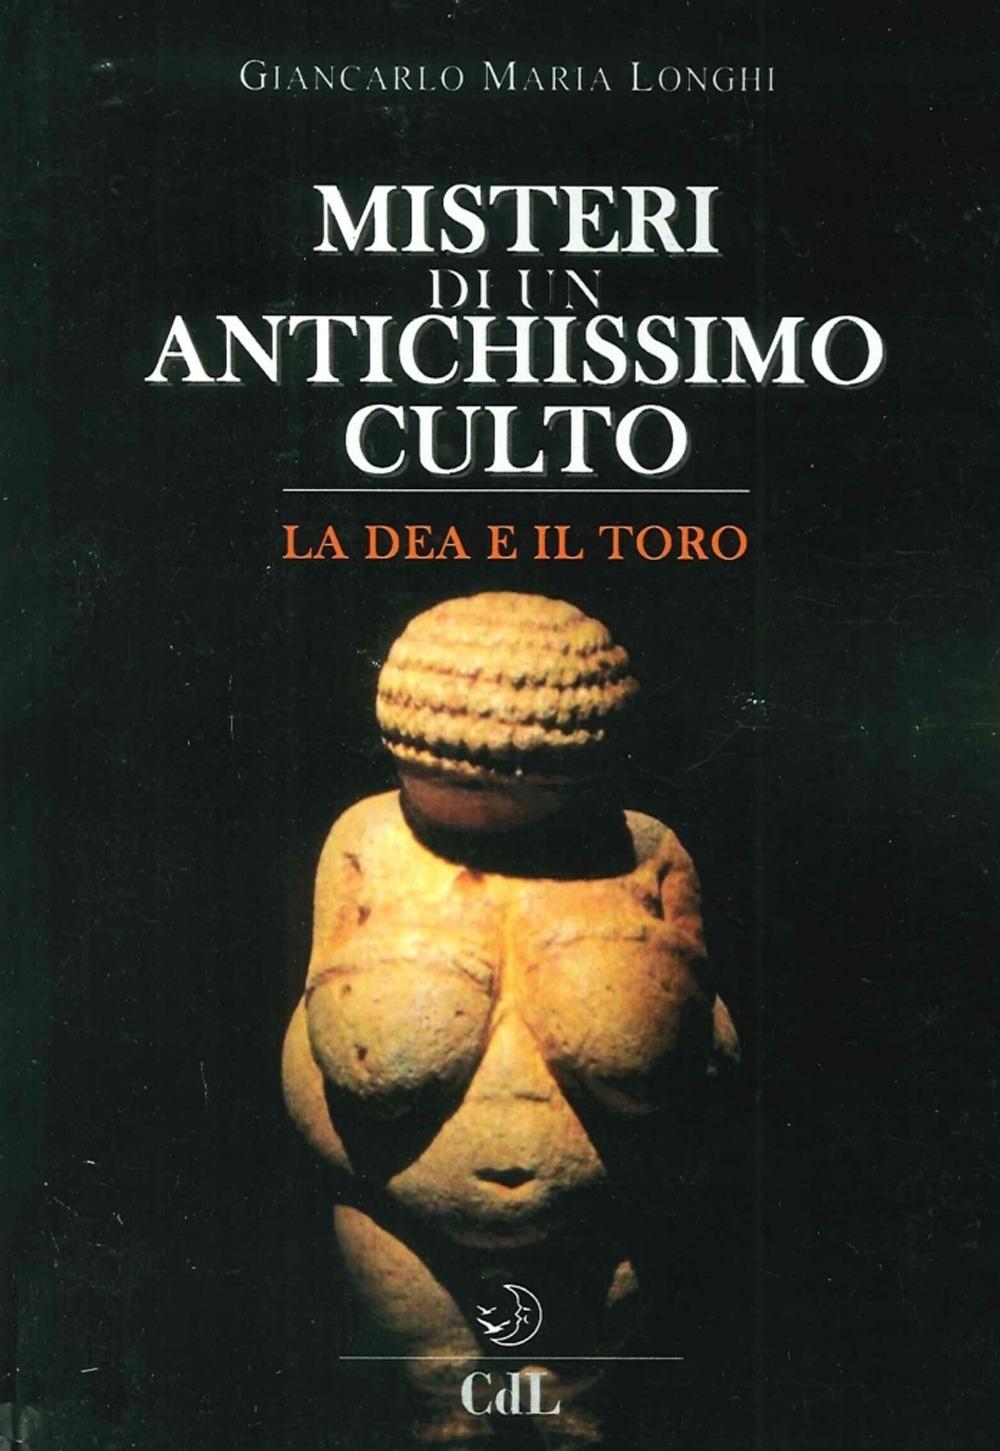 Misteri di un Antichissimo Culto. La Dea e il Toro